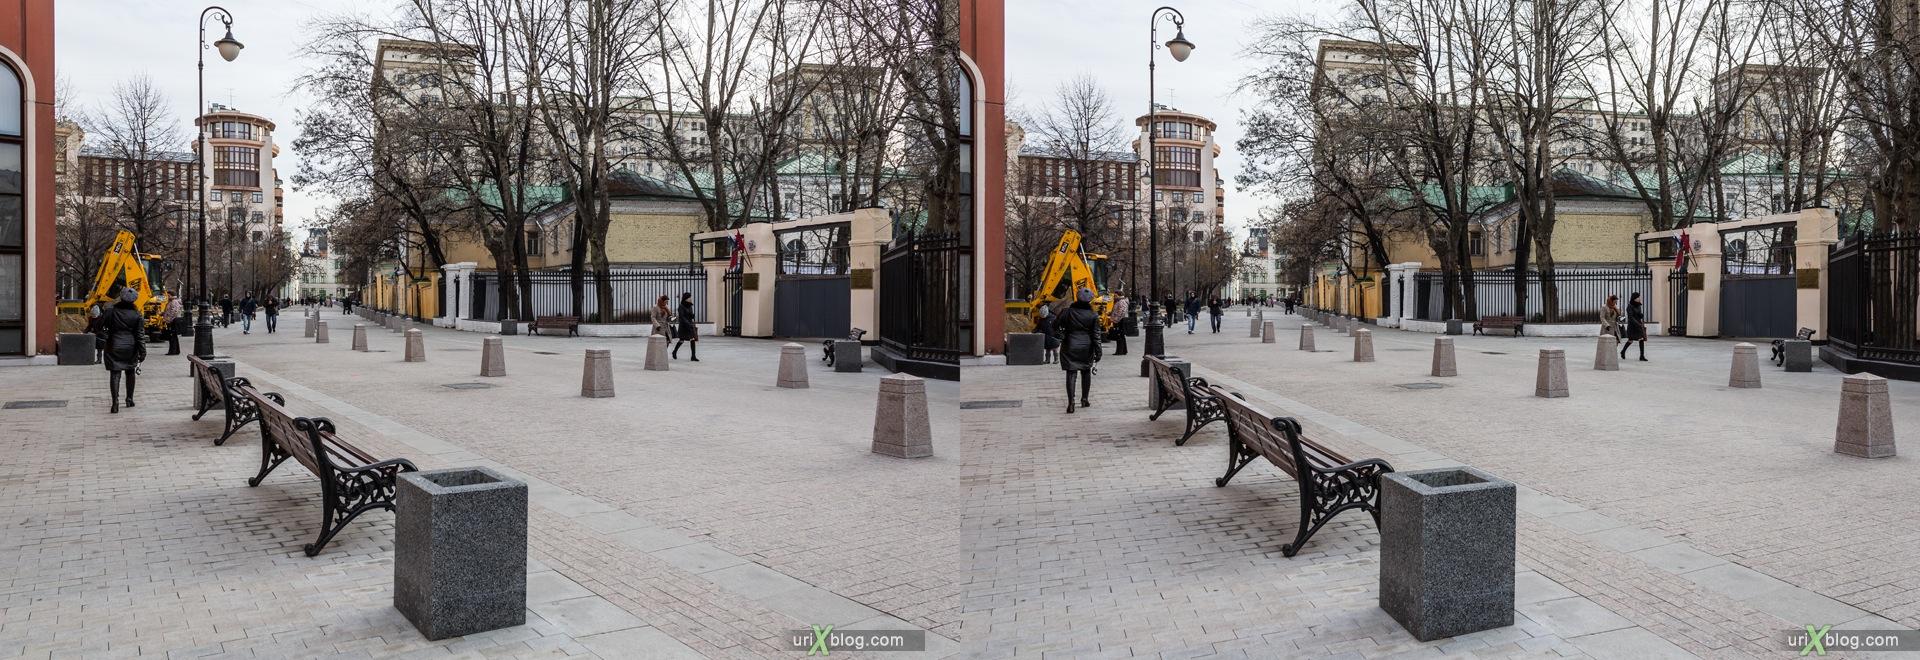 2013, Москва, Россия, Большой Толмачёвский переулок, метро, новые пешеходные зоны, осень, 3D, перекрёстная стереопара, стерео, стереопара